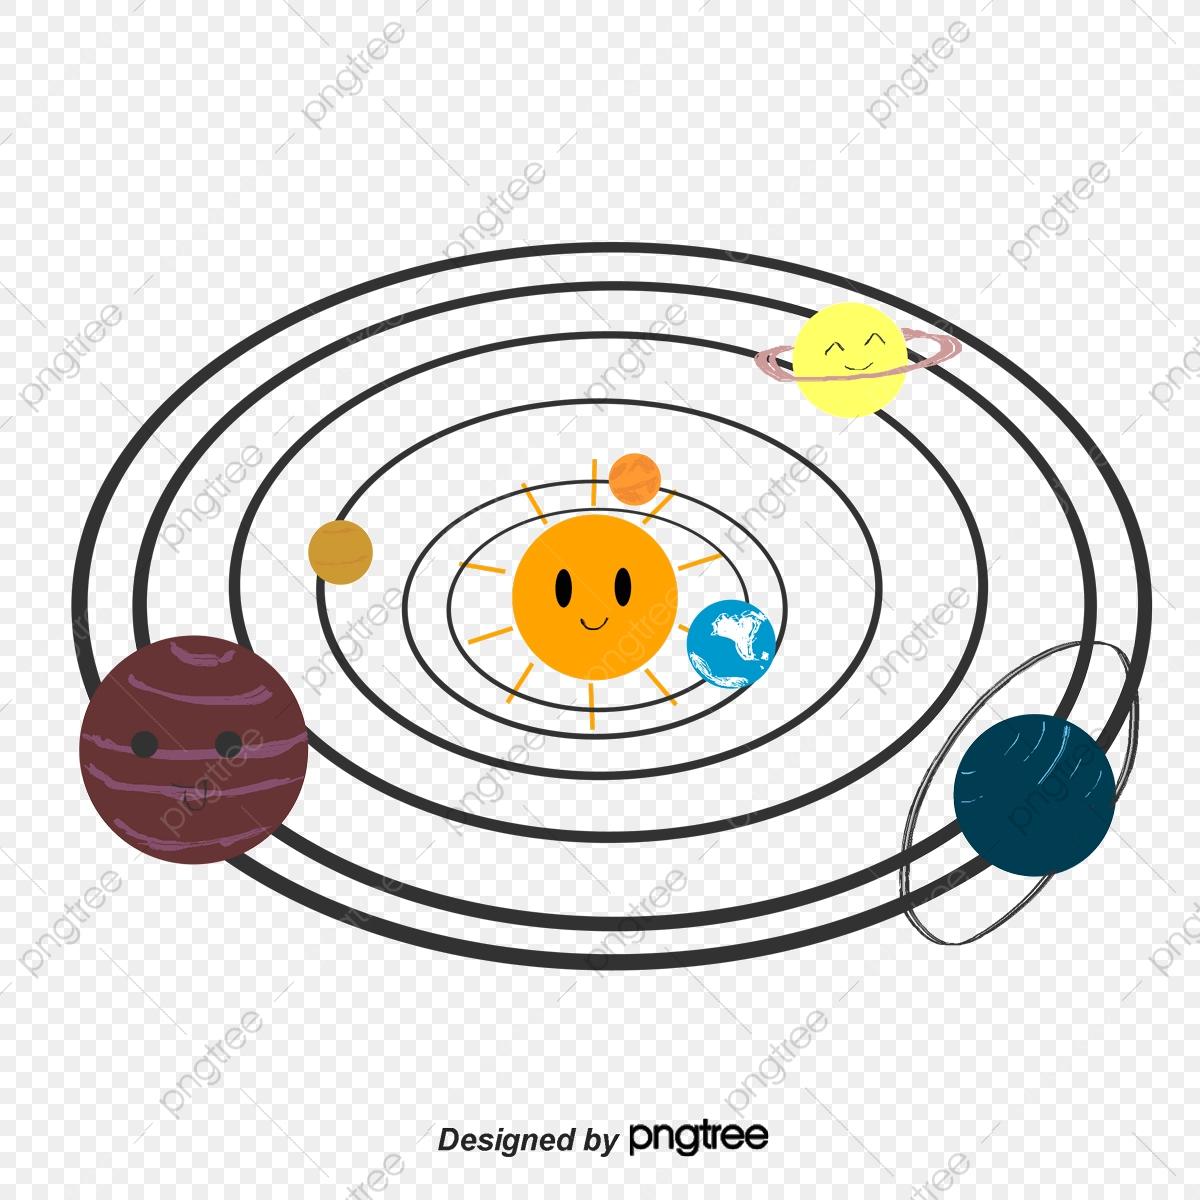 Système Solaire De Dessin Vectoriel, De Dessin Vectoriel pour Dessin Du Système Solaire